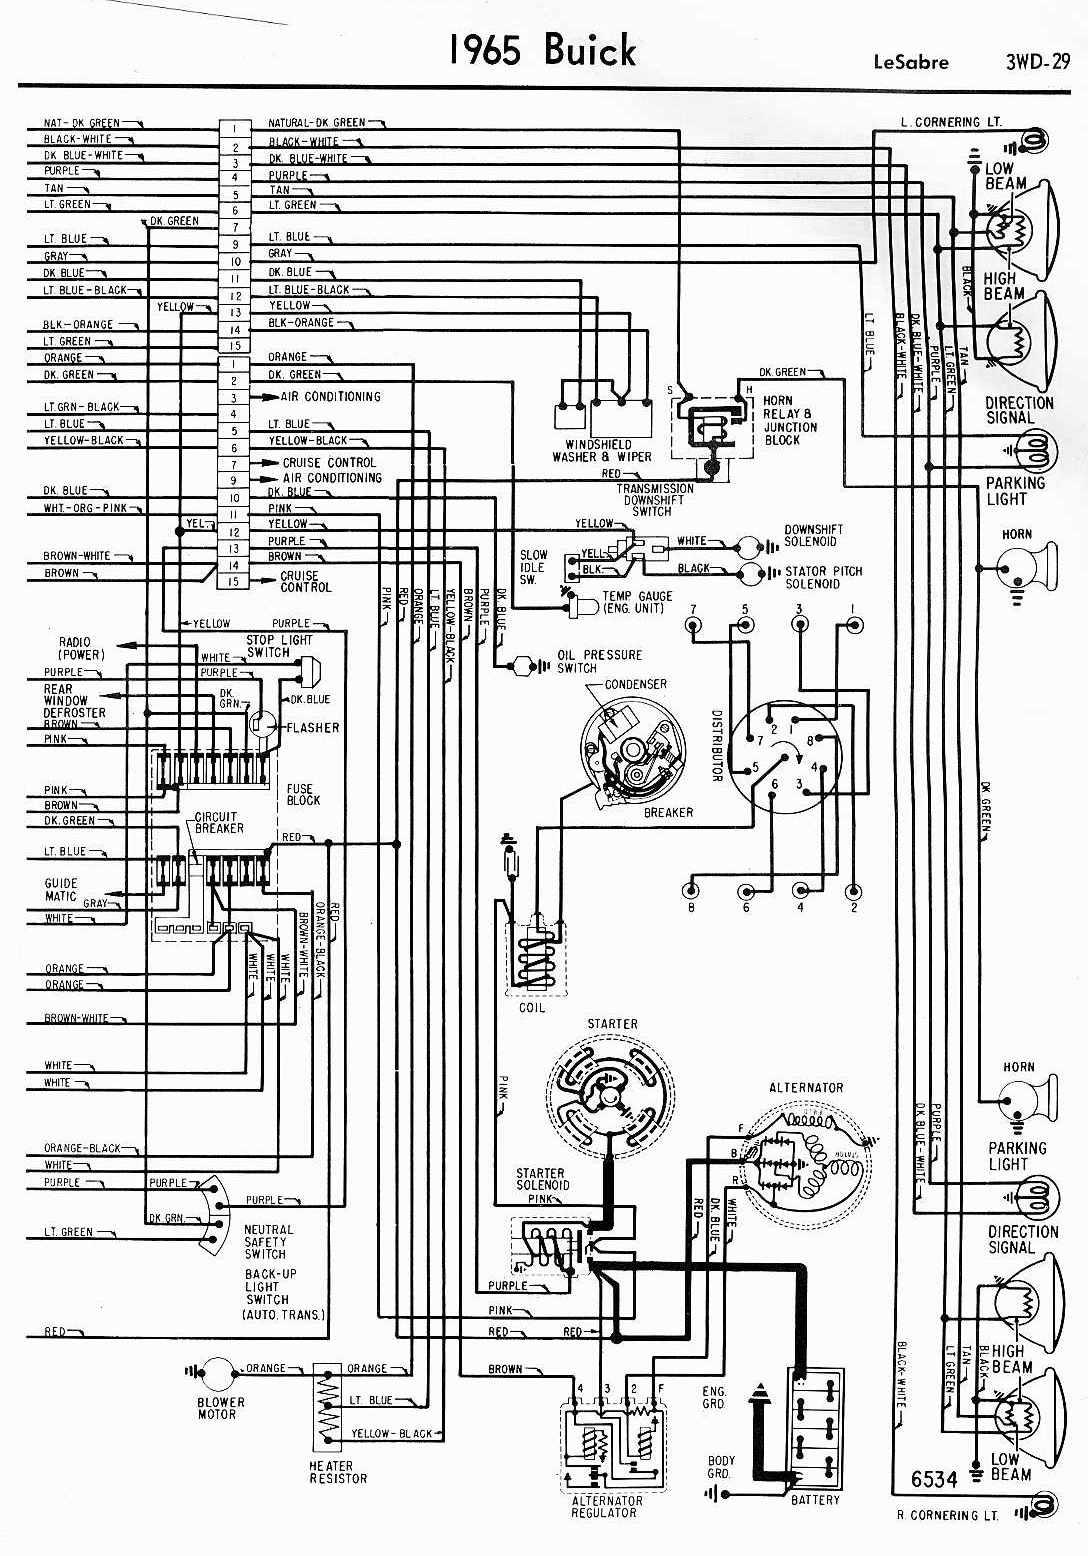 Cj2a Wiring Diagram Schematics Data Ignition Switch Willys Schematic Diagrams 48